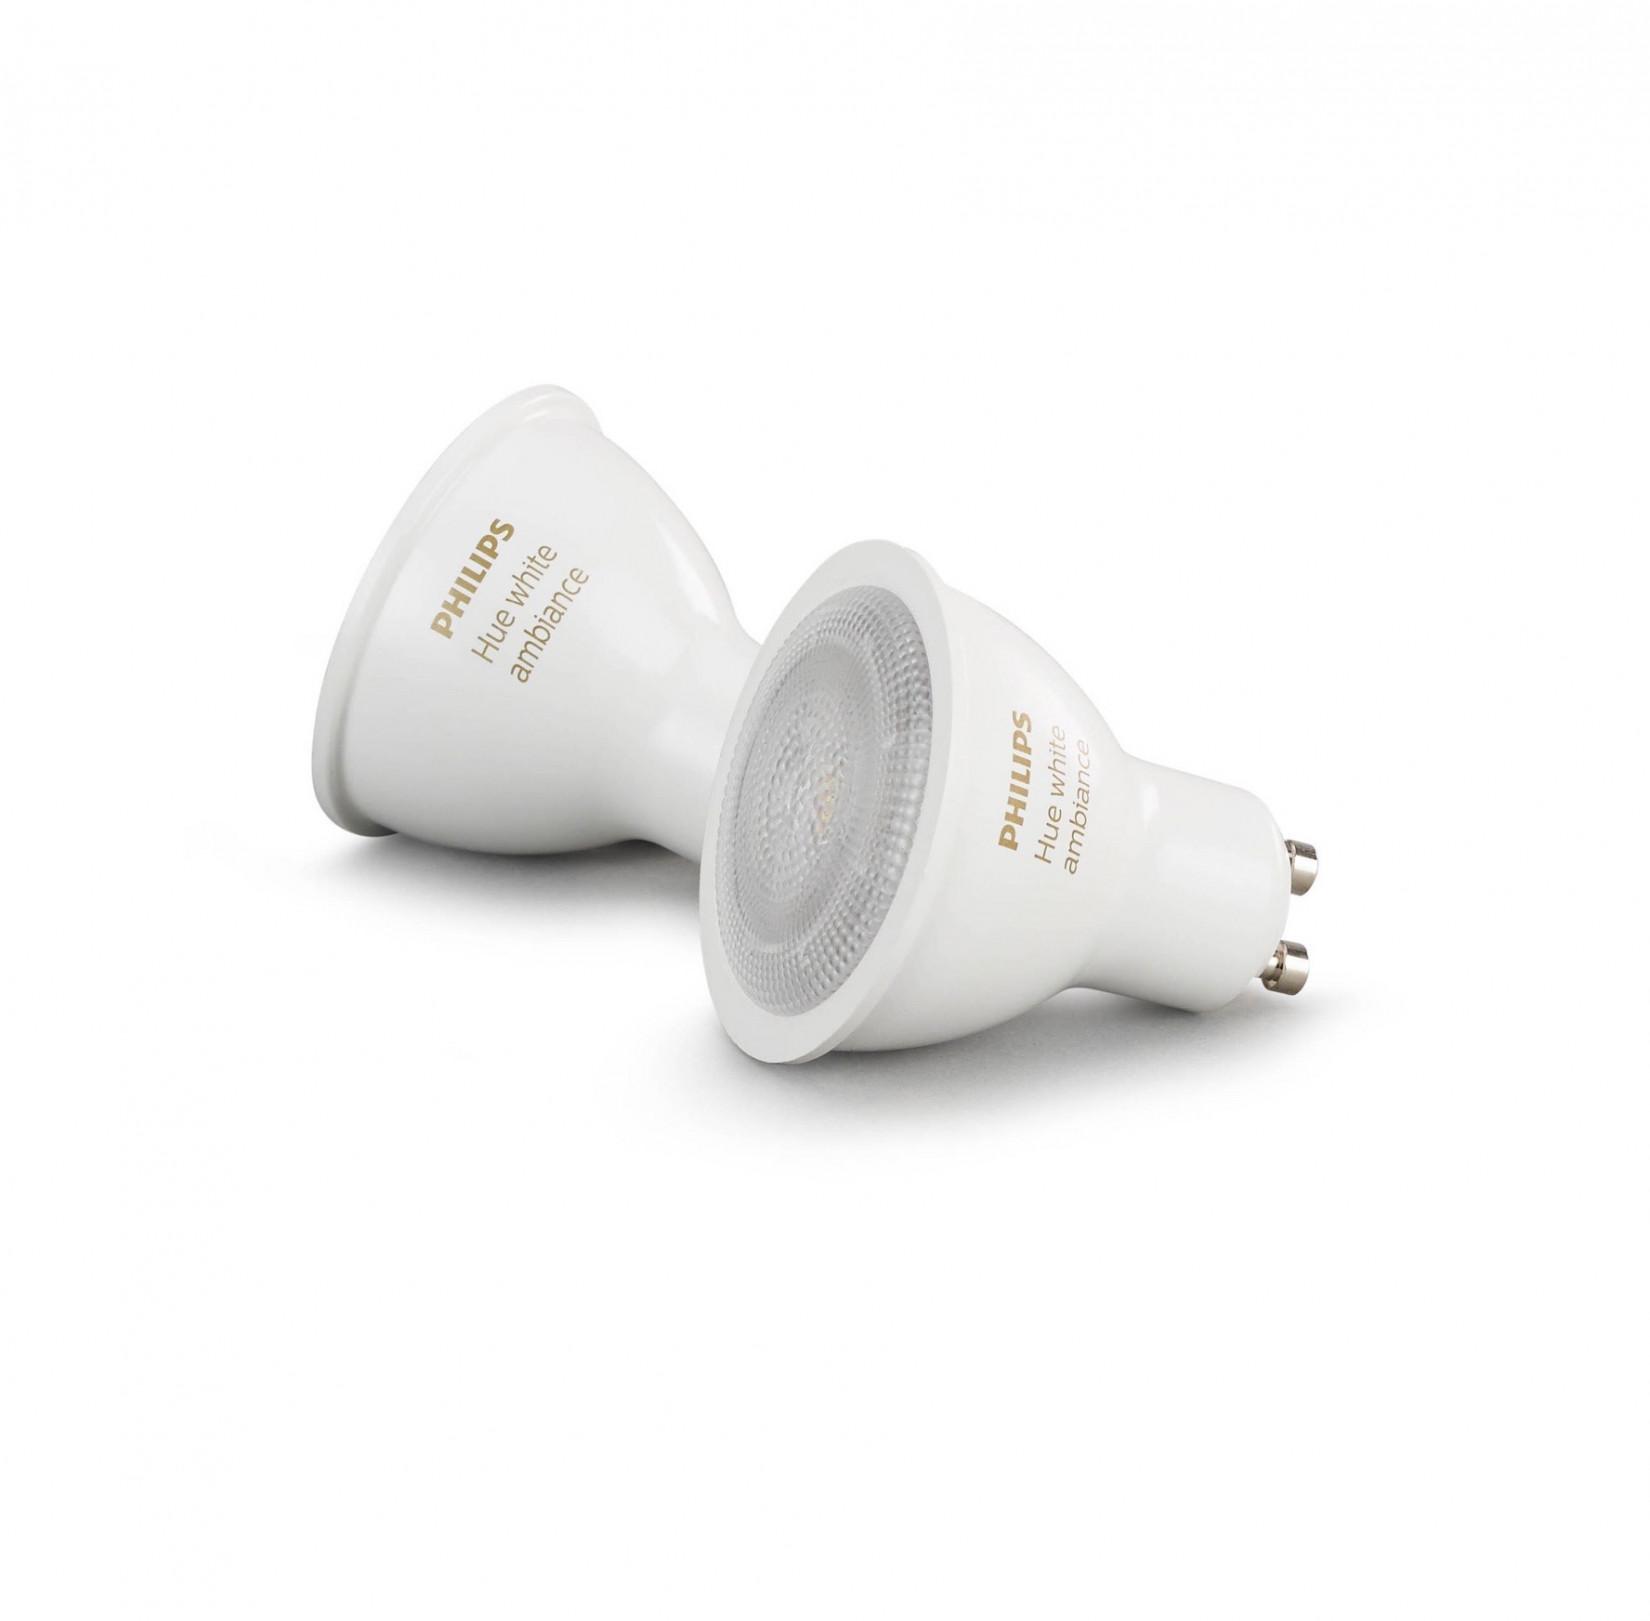 Philips Hue Lampen Gu10.Philips Hue White Ambiance Gu10 Lampen Duopak